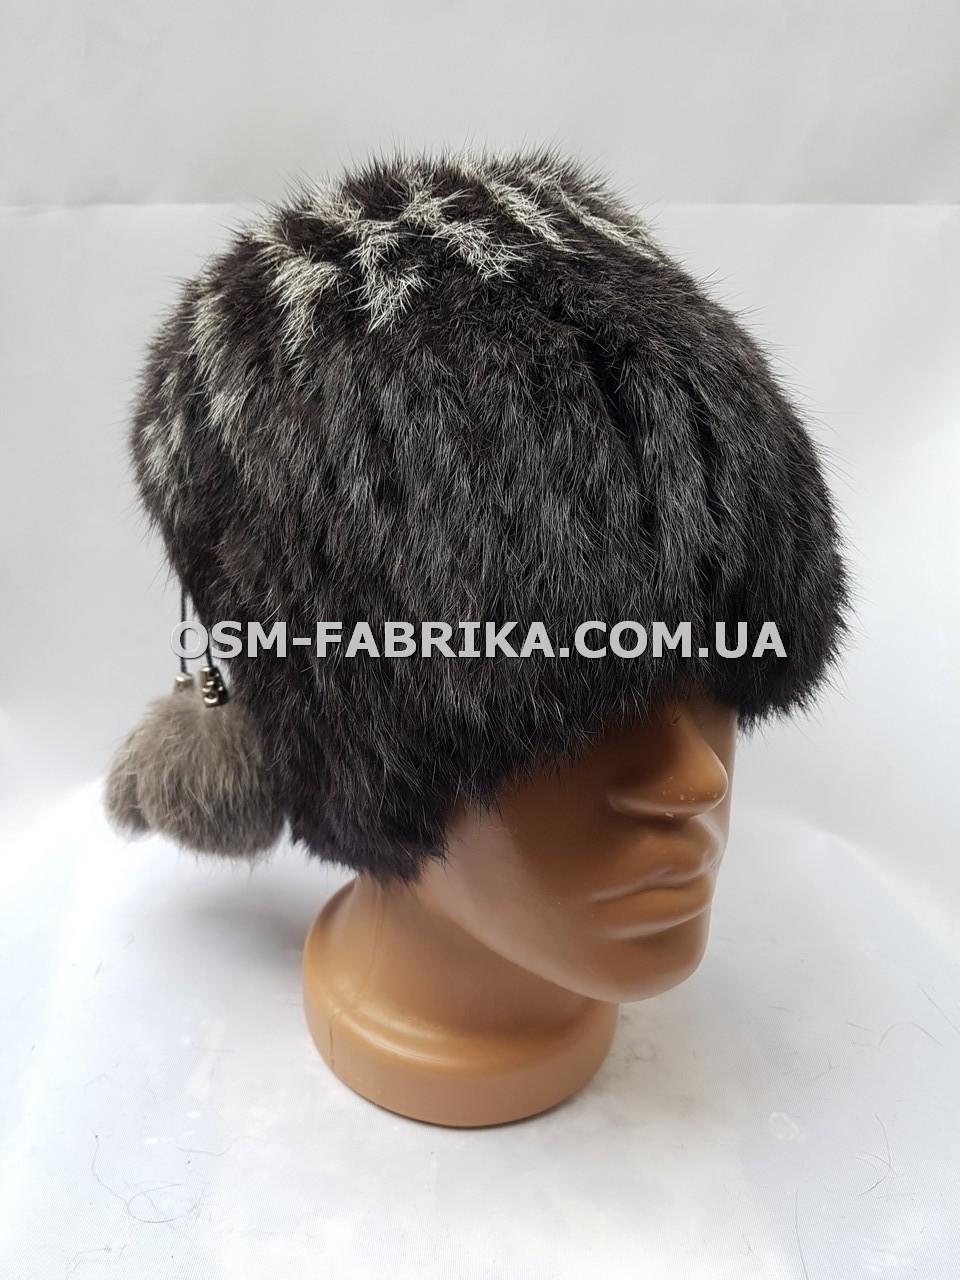 Меховая шапка для женщин кролик от производителя